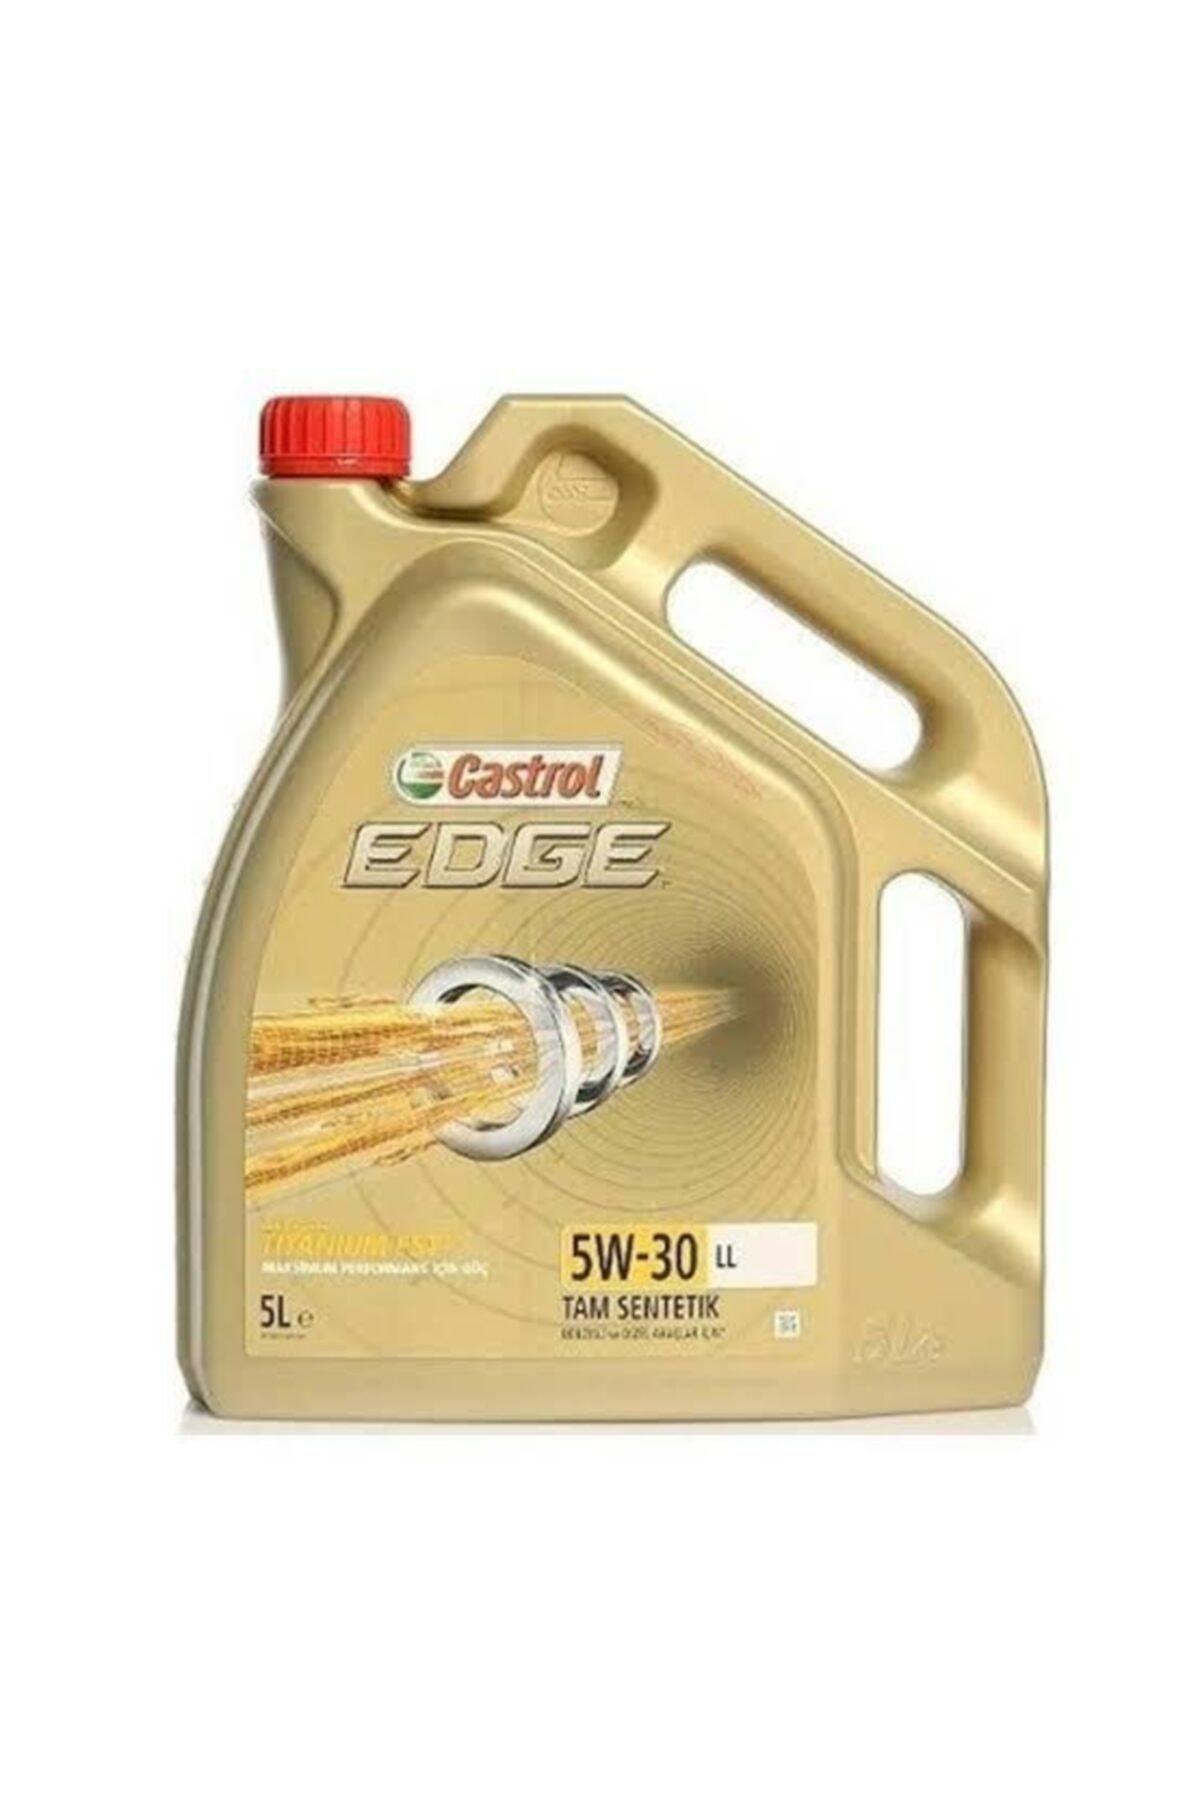 Castrol Yayınları Castrol Edge Ll 5w30 Titanyum 5 Litrelik Motor Yağı 1